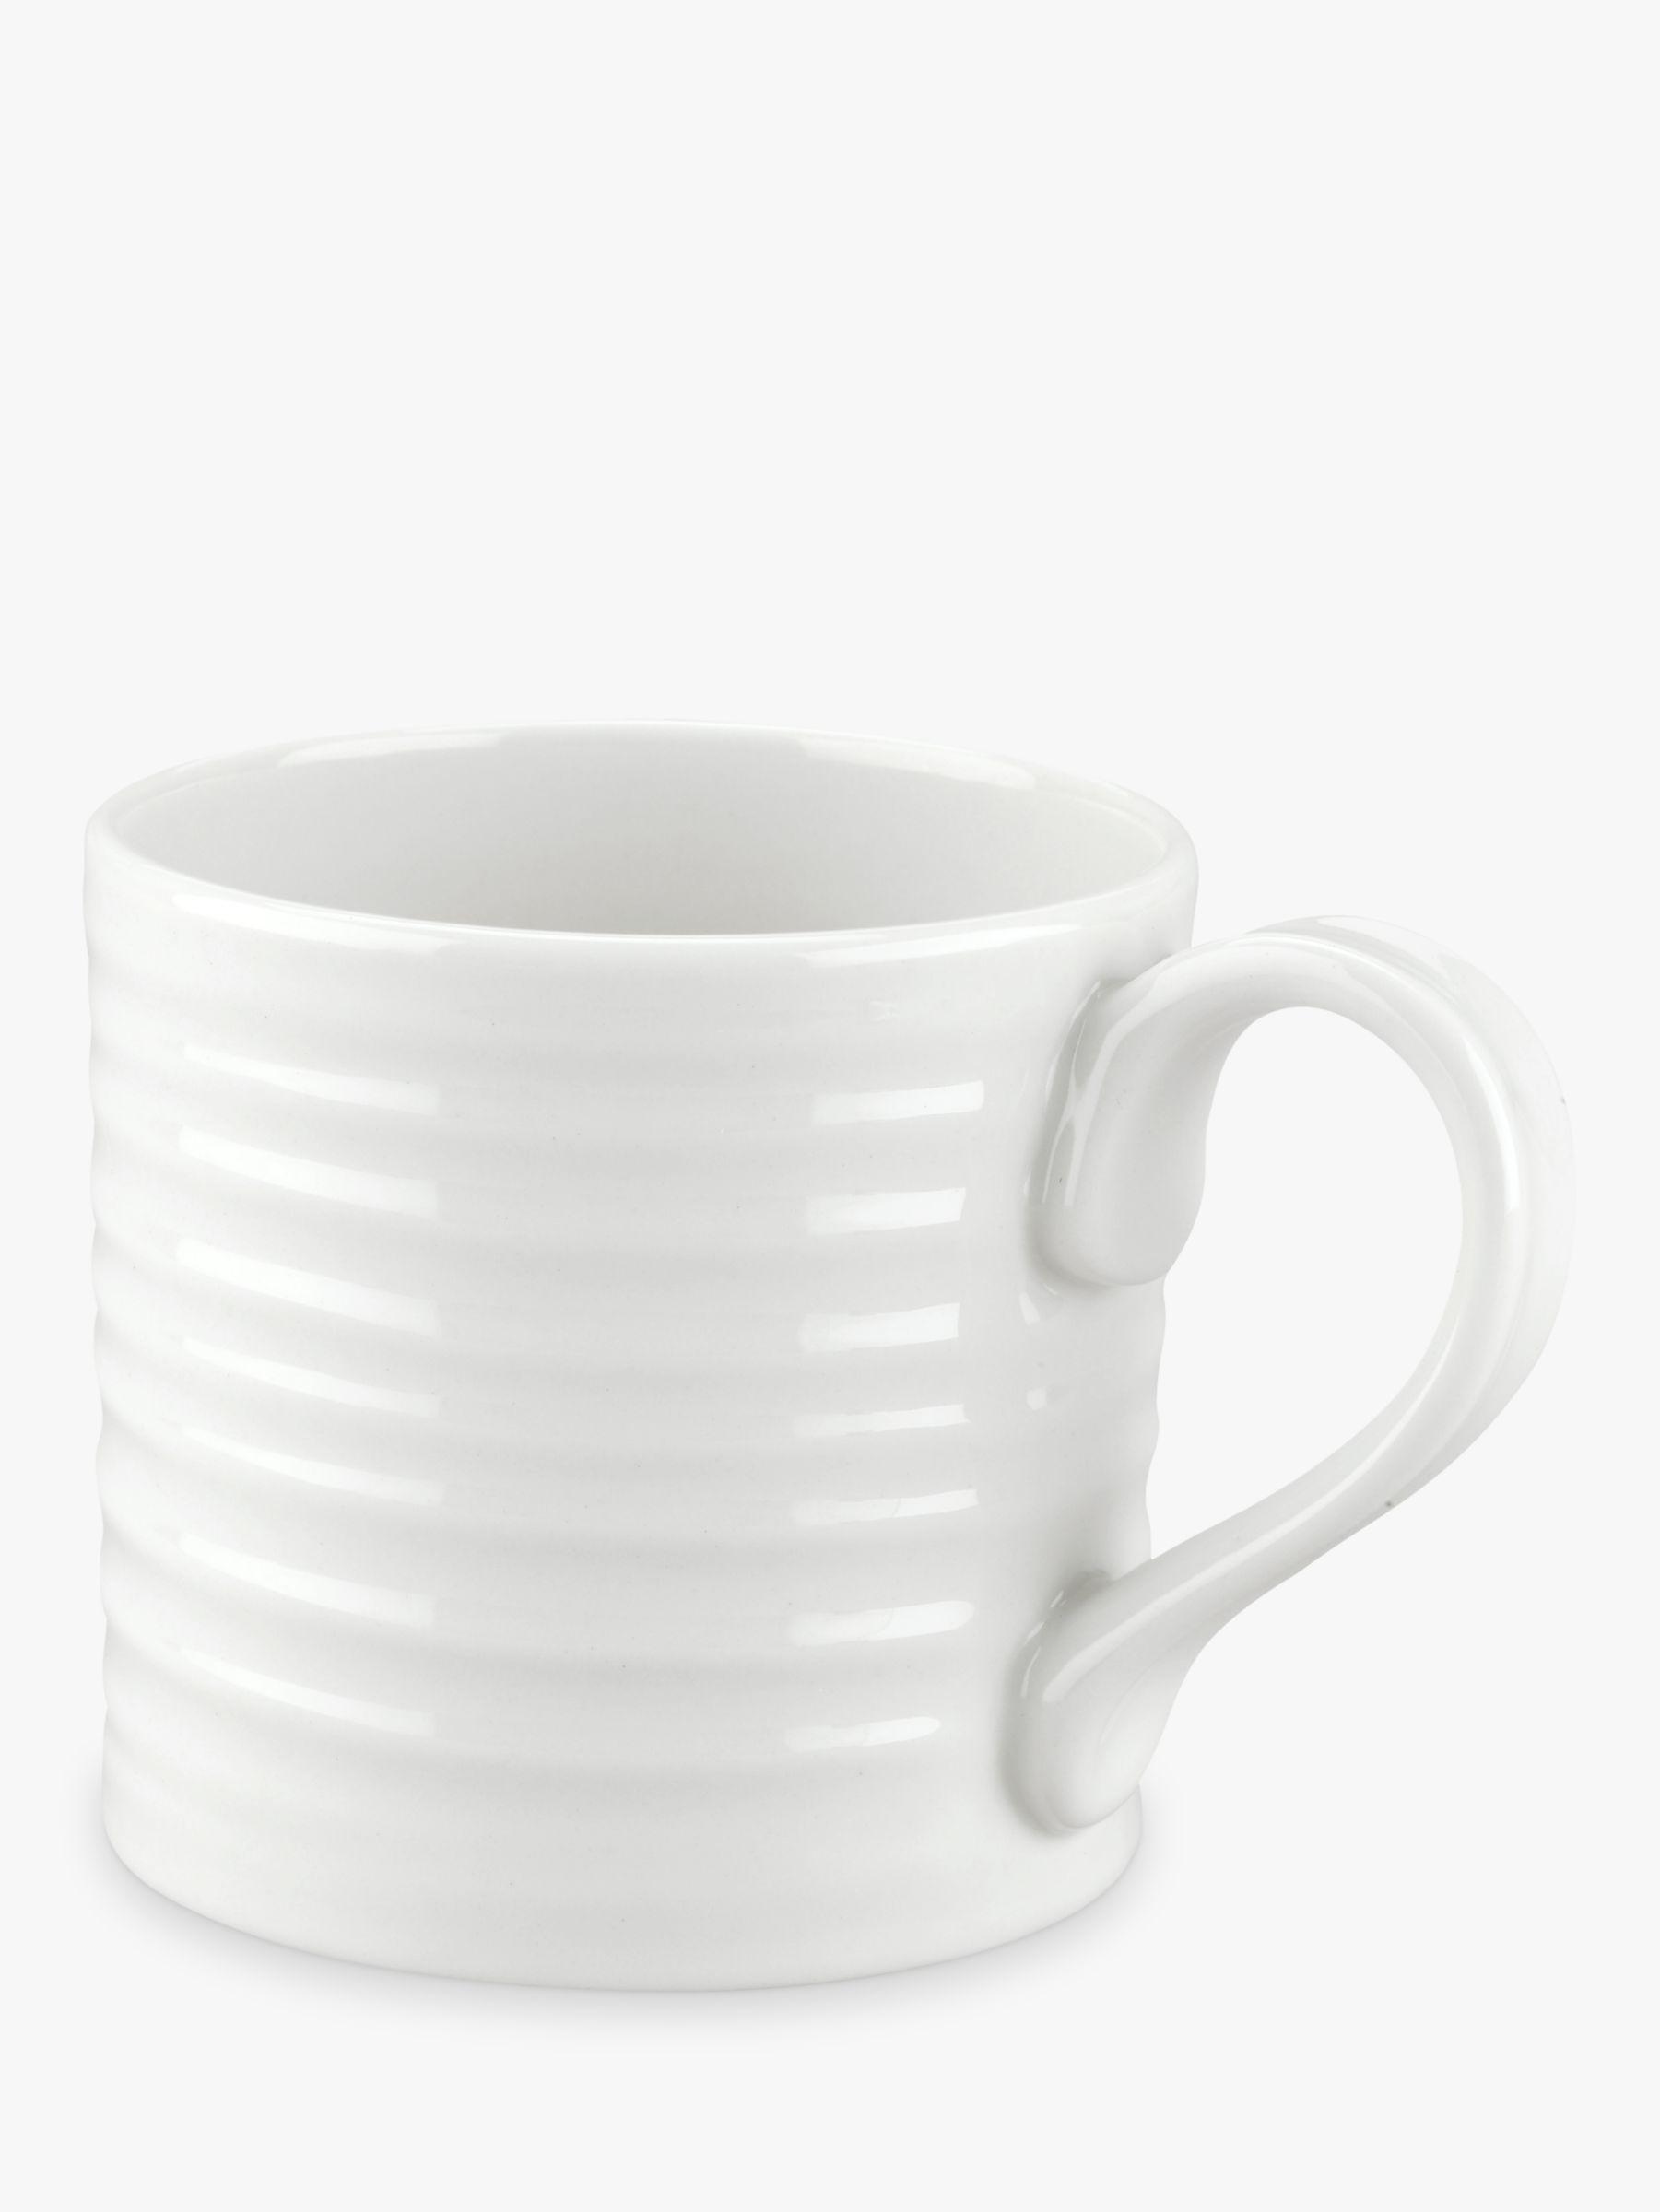 Sophie Conran for Portmeirion Sophie Conran for Portmeirion Short Mug